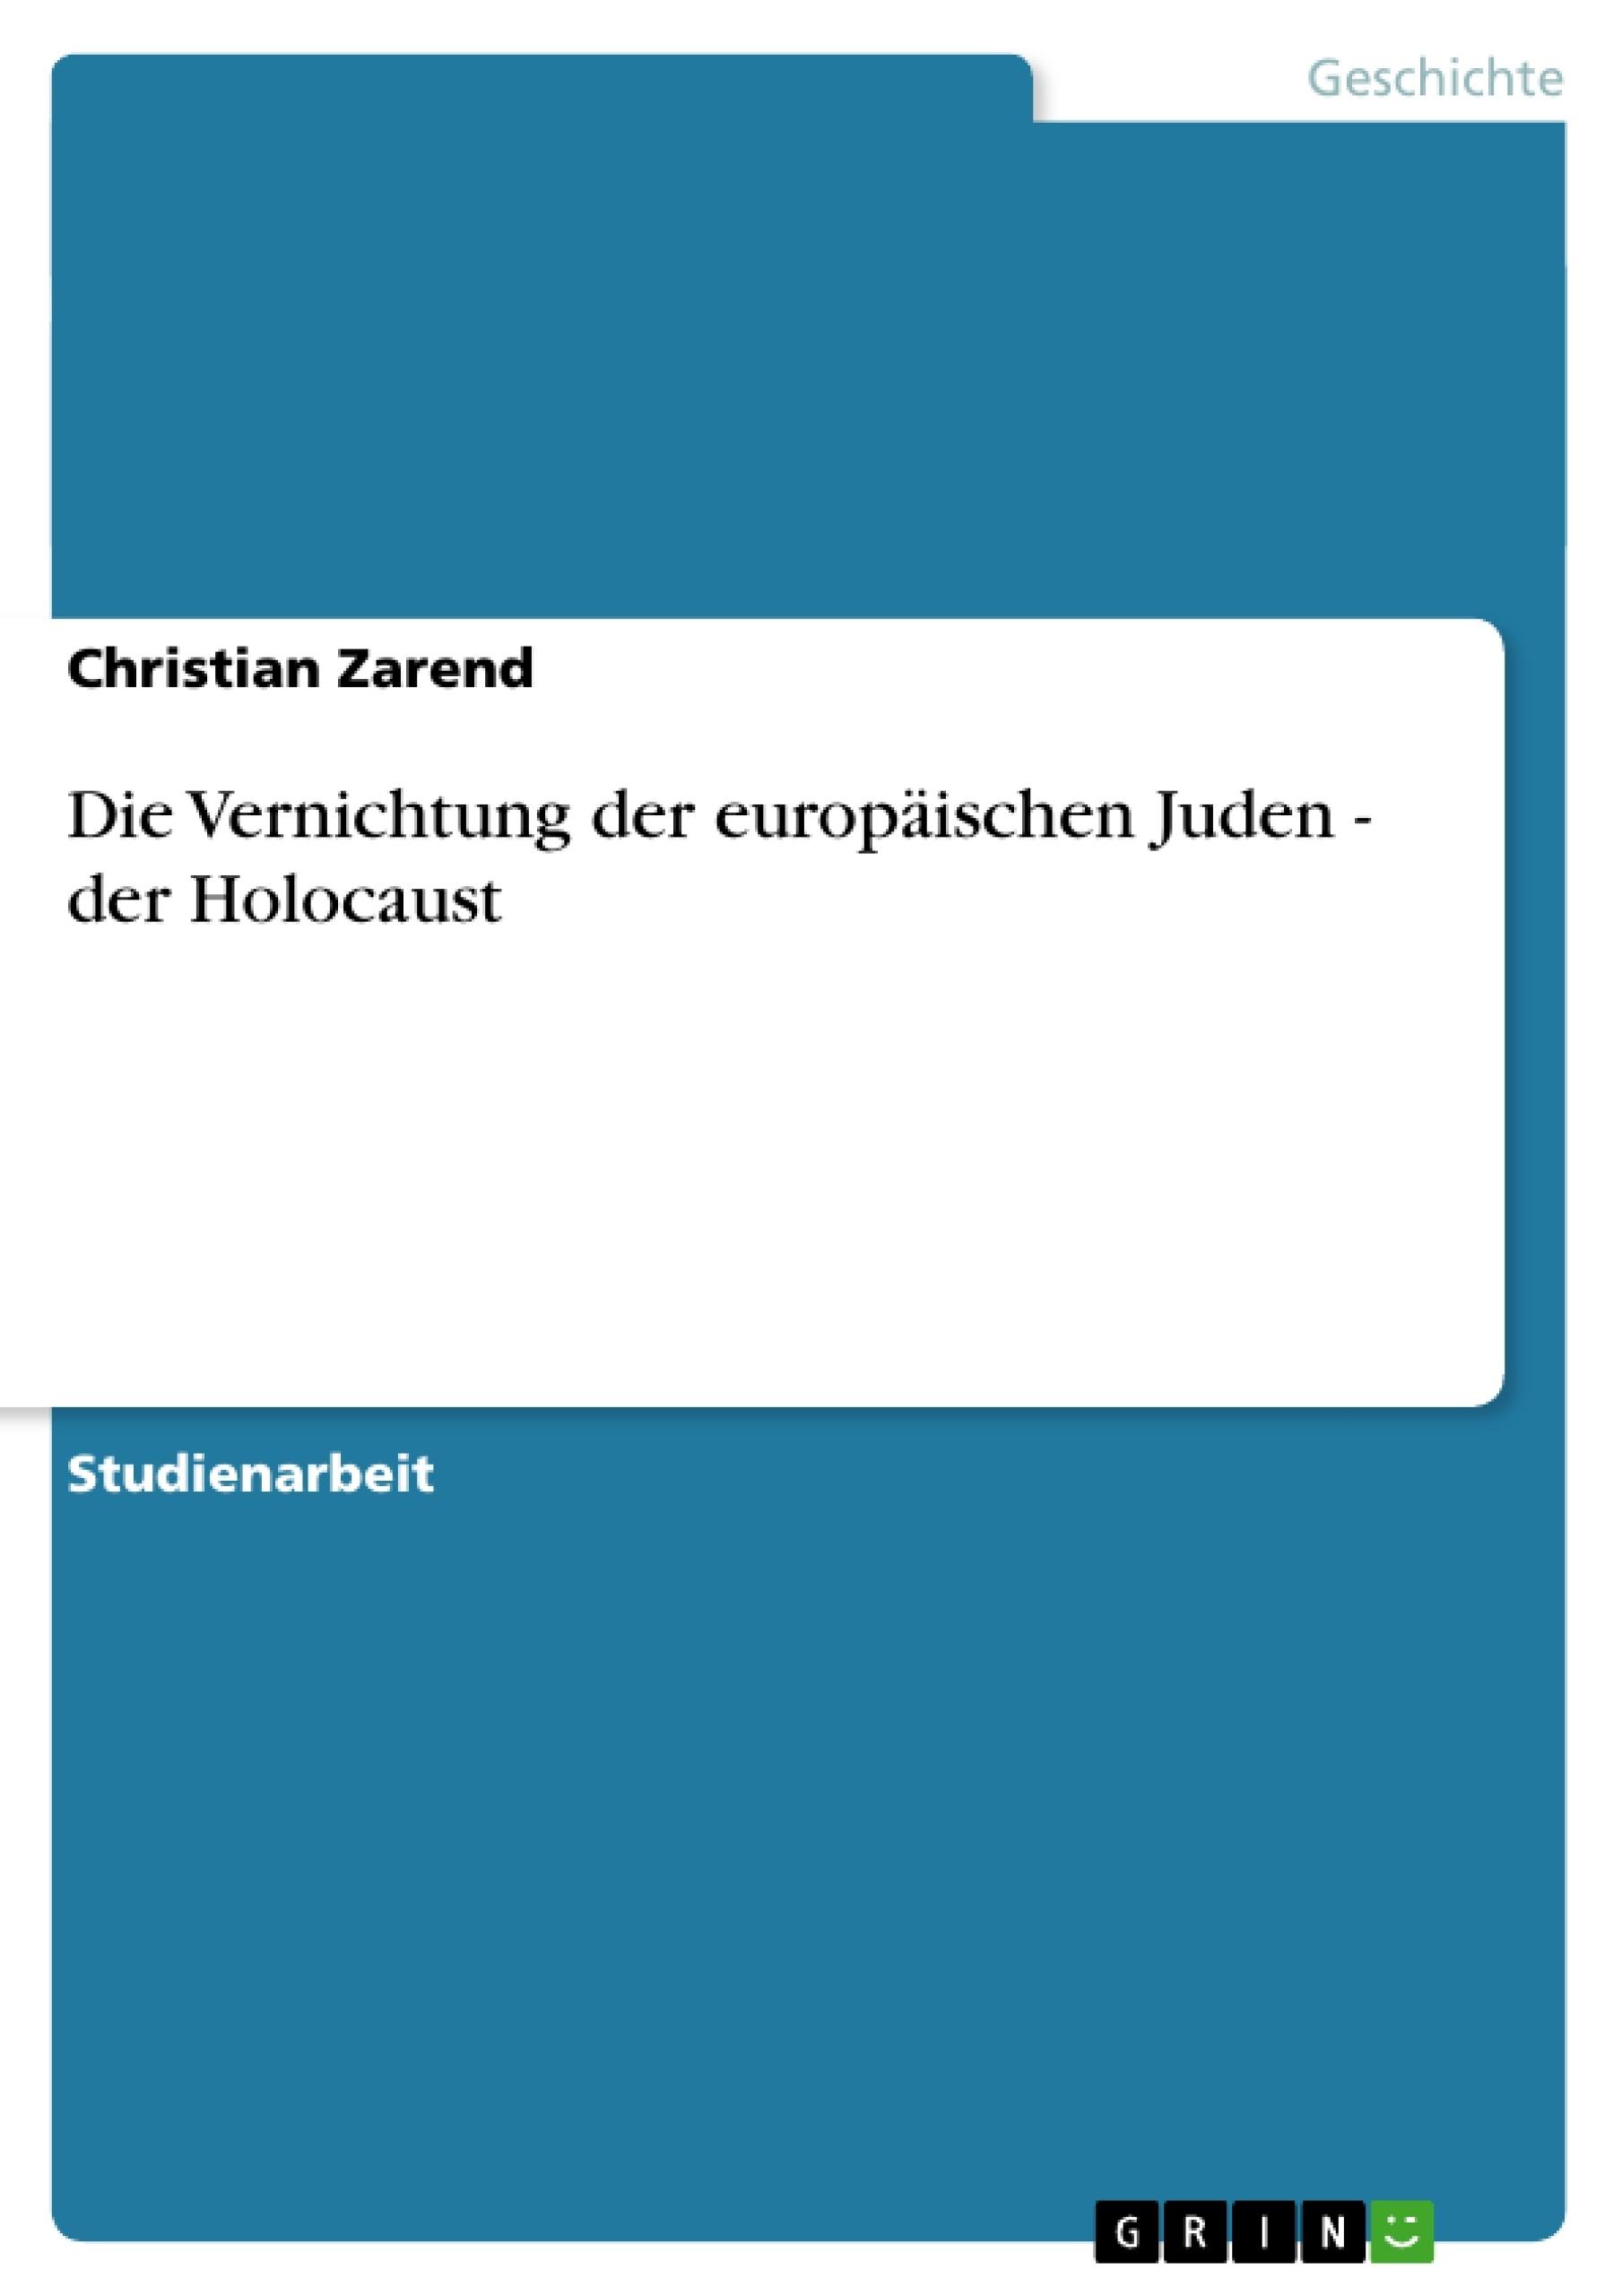 Titel: Die Vernichtung der europäischen Juden - der Holocaust